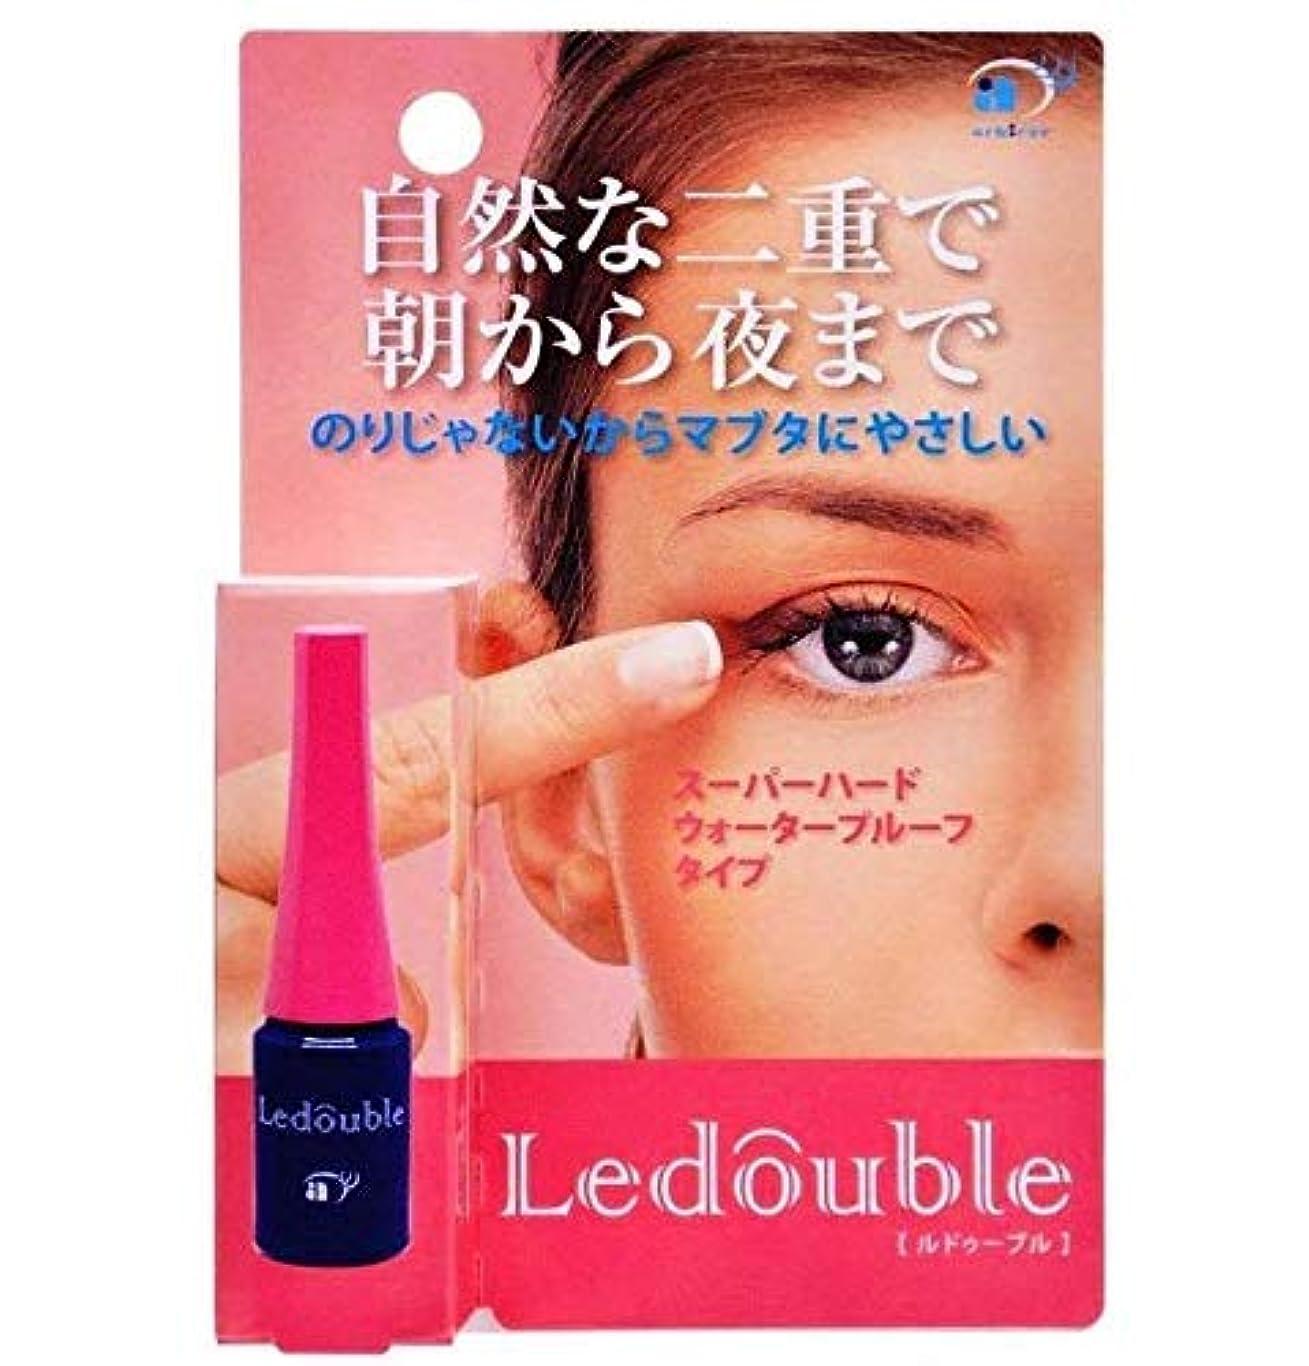 教育する簡単な抱擁ルドゥーブル 2mL 二重まぶた 化粧品